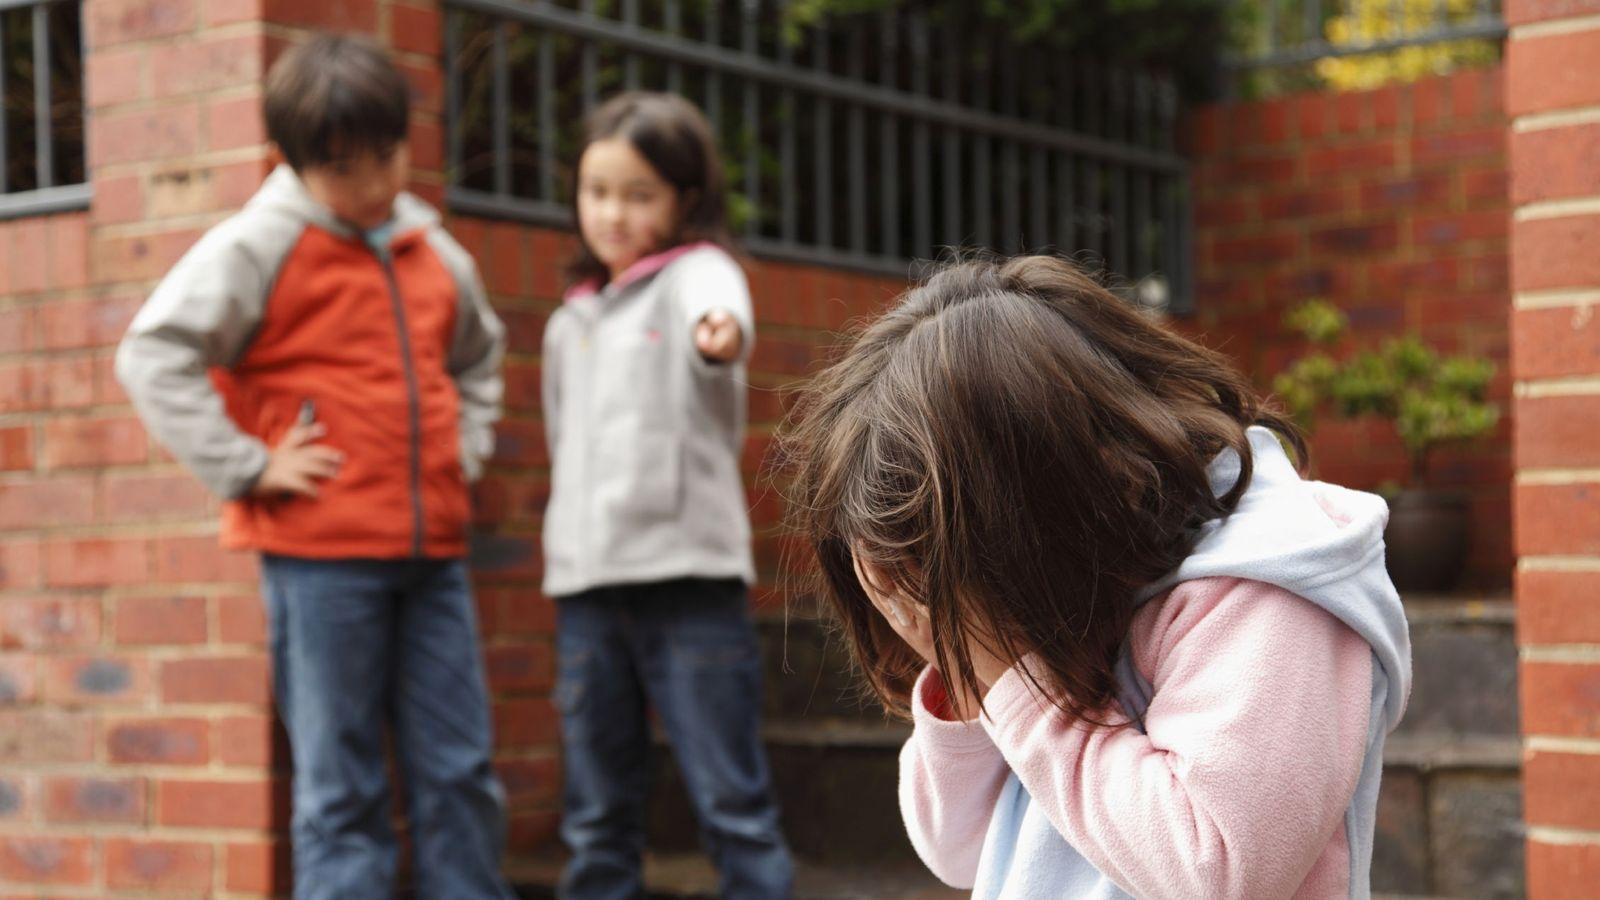 Foto: ¿Resolvería una cámara de videovigilancia el acoso escolar en los colegios? (iStock)